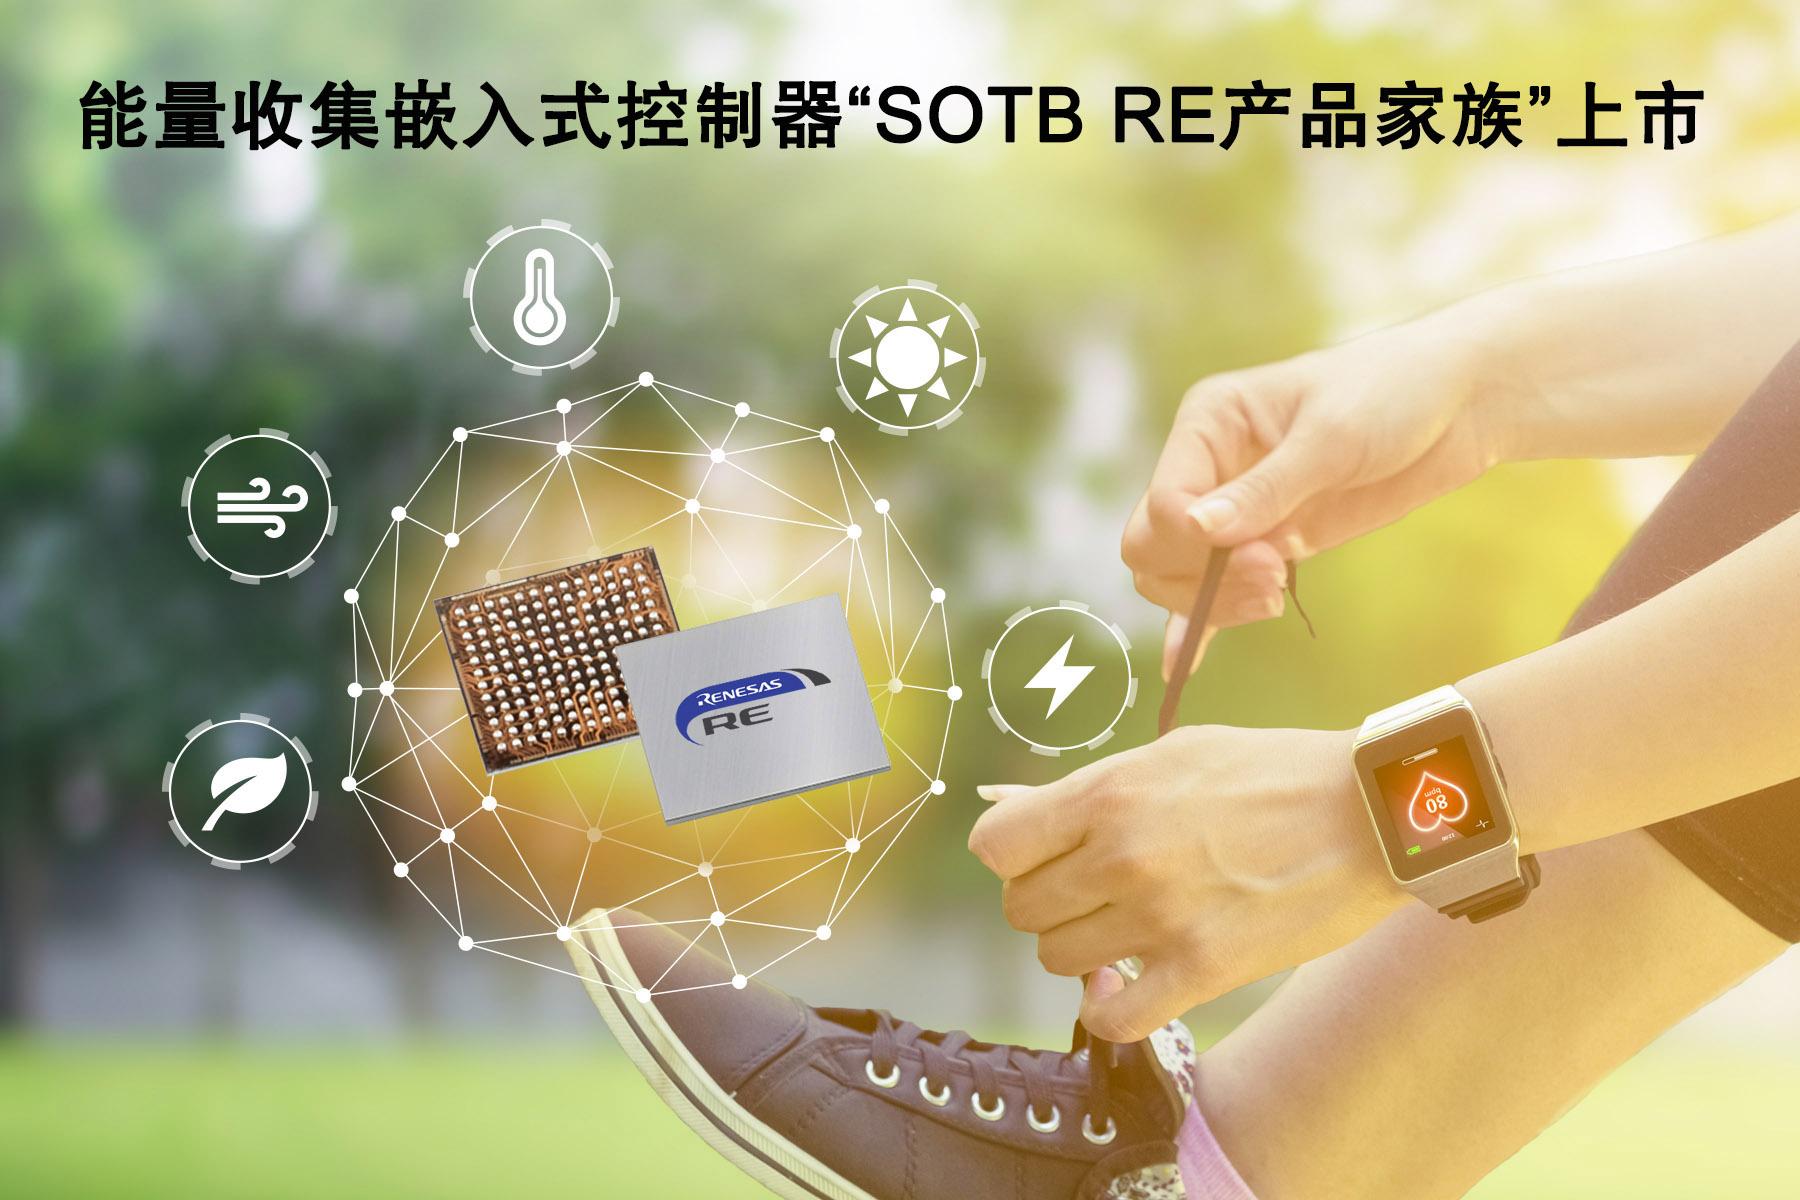 瑞萨电子整合其基于SOTB?制程工艺的能量收集嵌入式控制器产品,推出全新命名的RE产品家族